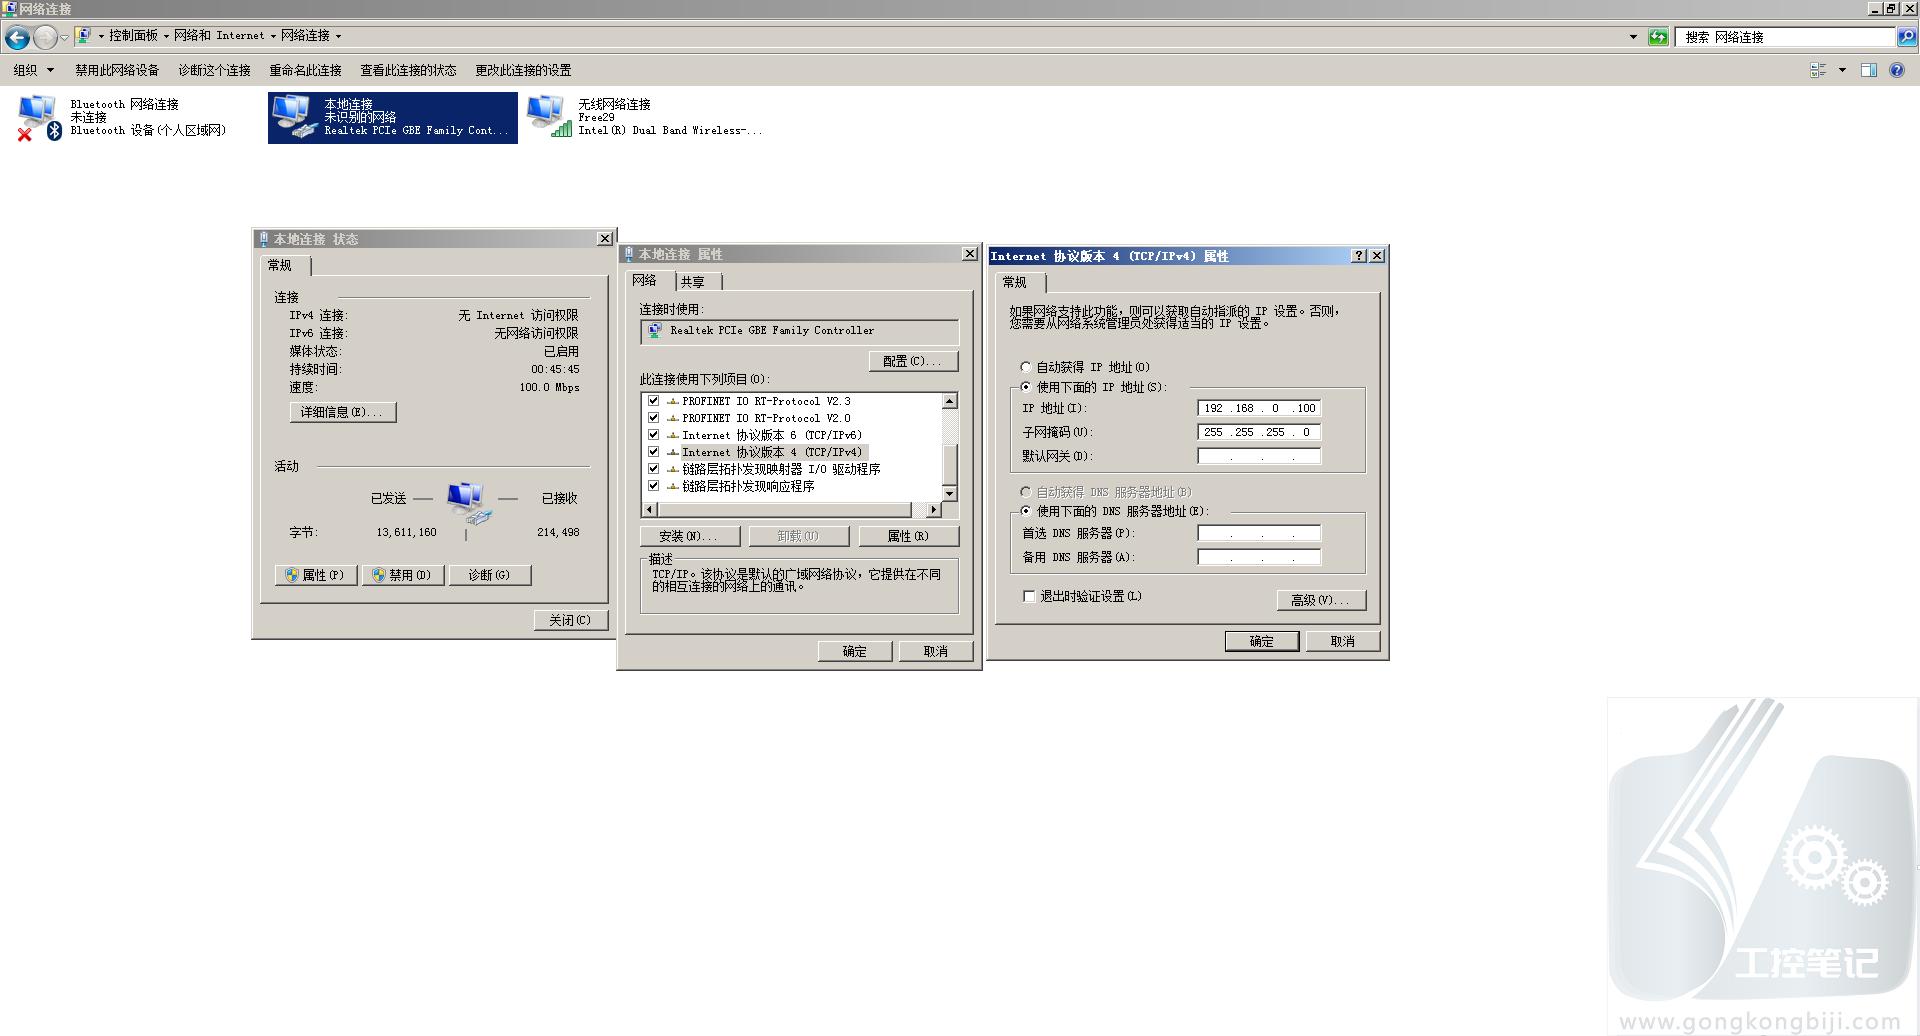 【威纶通触摸屏】如何通过以太网下载程序?